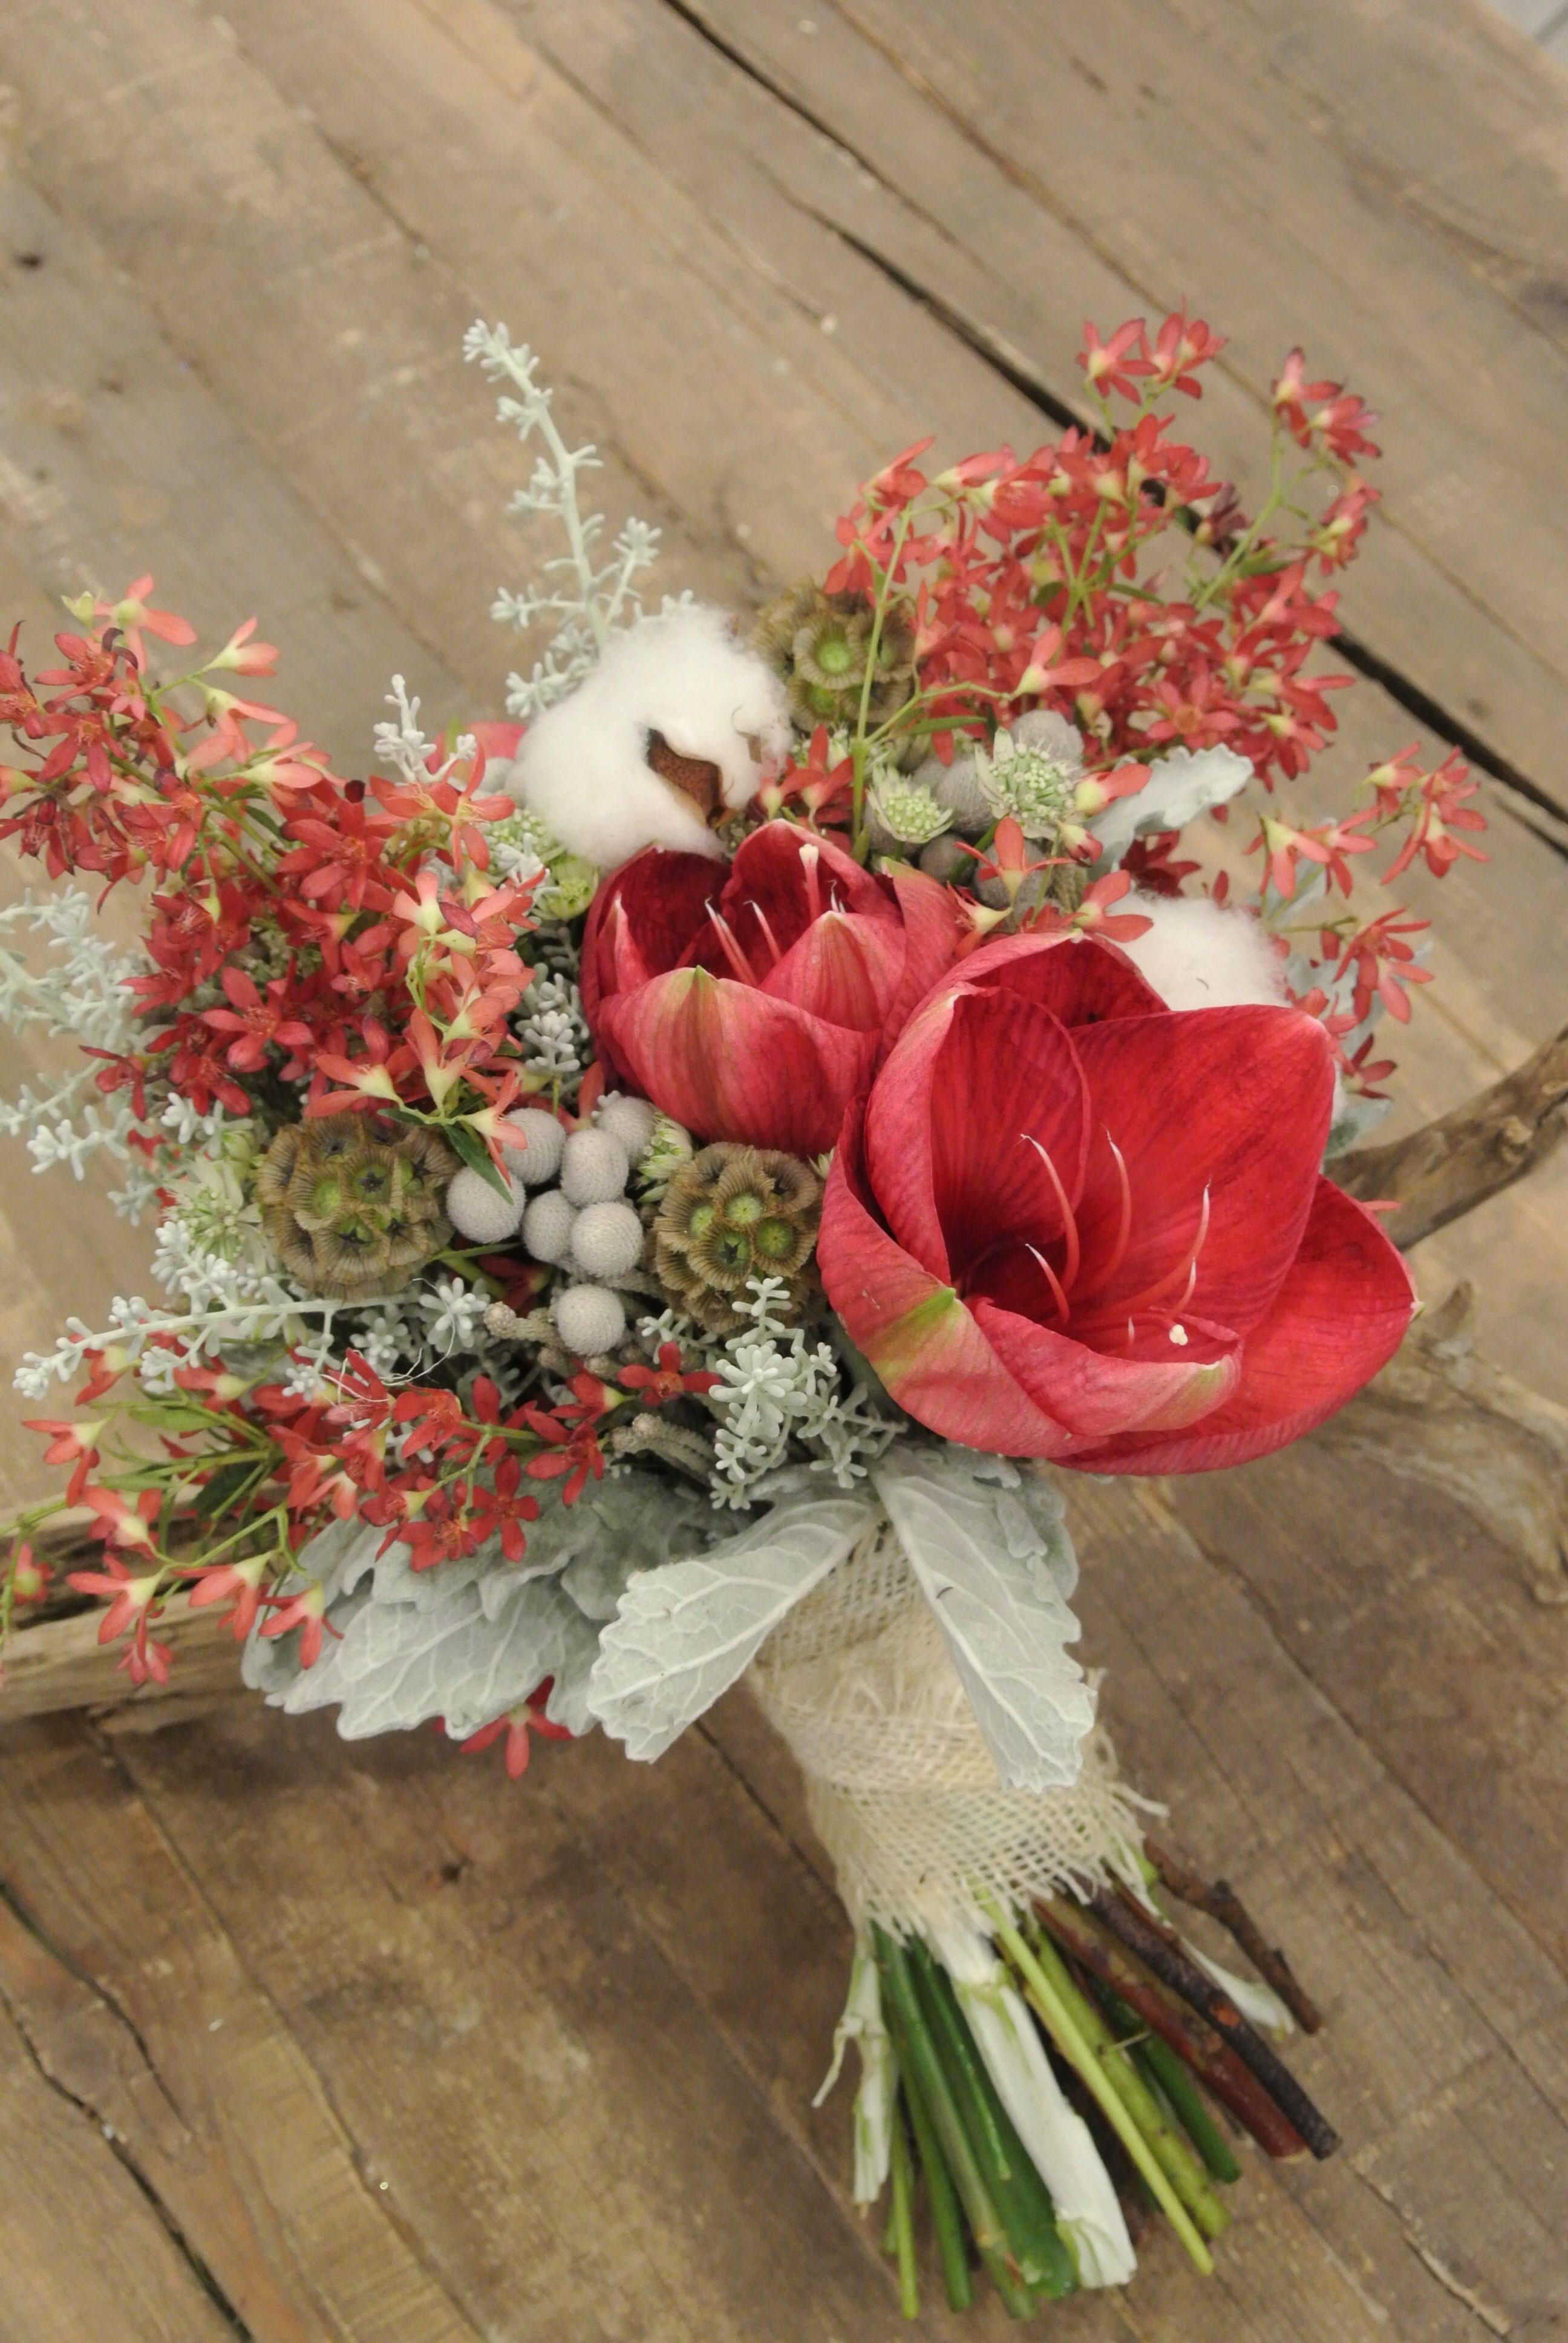 Pin Von Abby Hernandez Auf Forget Me Not Flowers Wedding Bouquets Amaryllis Brautstrauss Brautstrausse Blumenstrauss